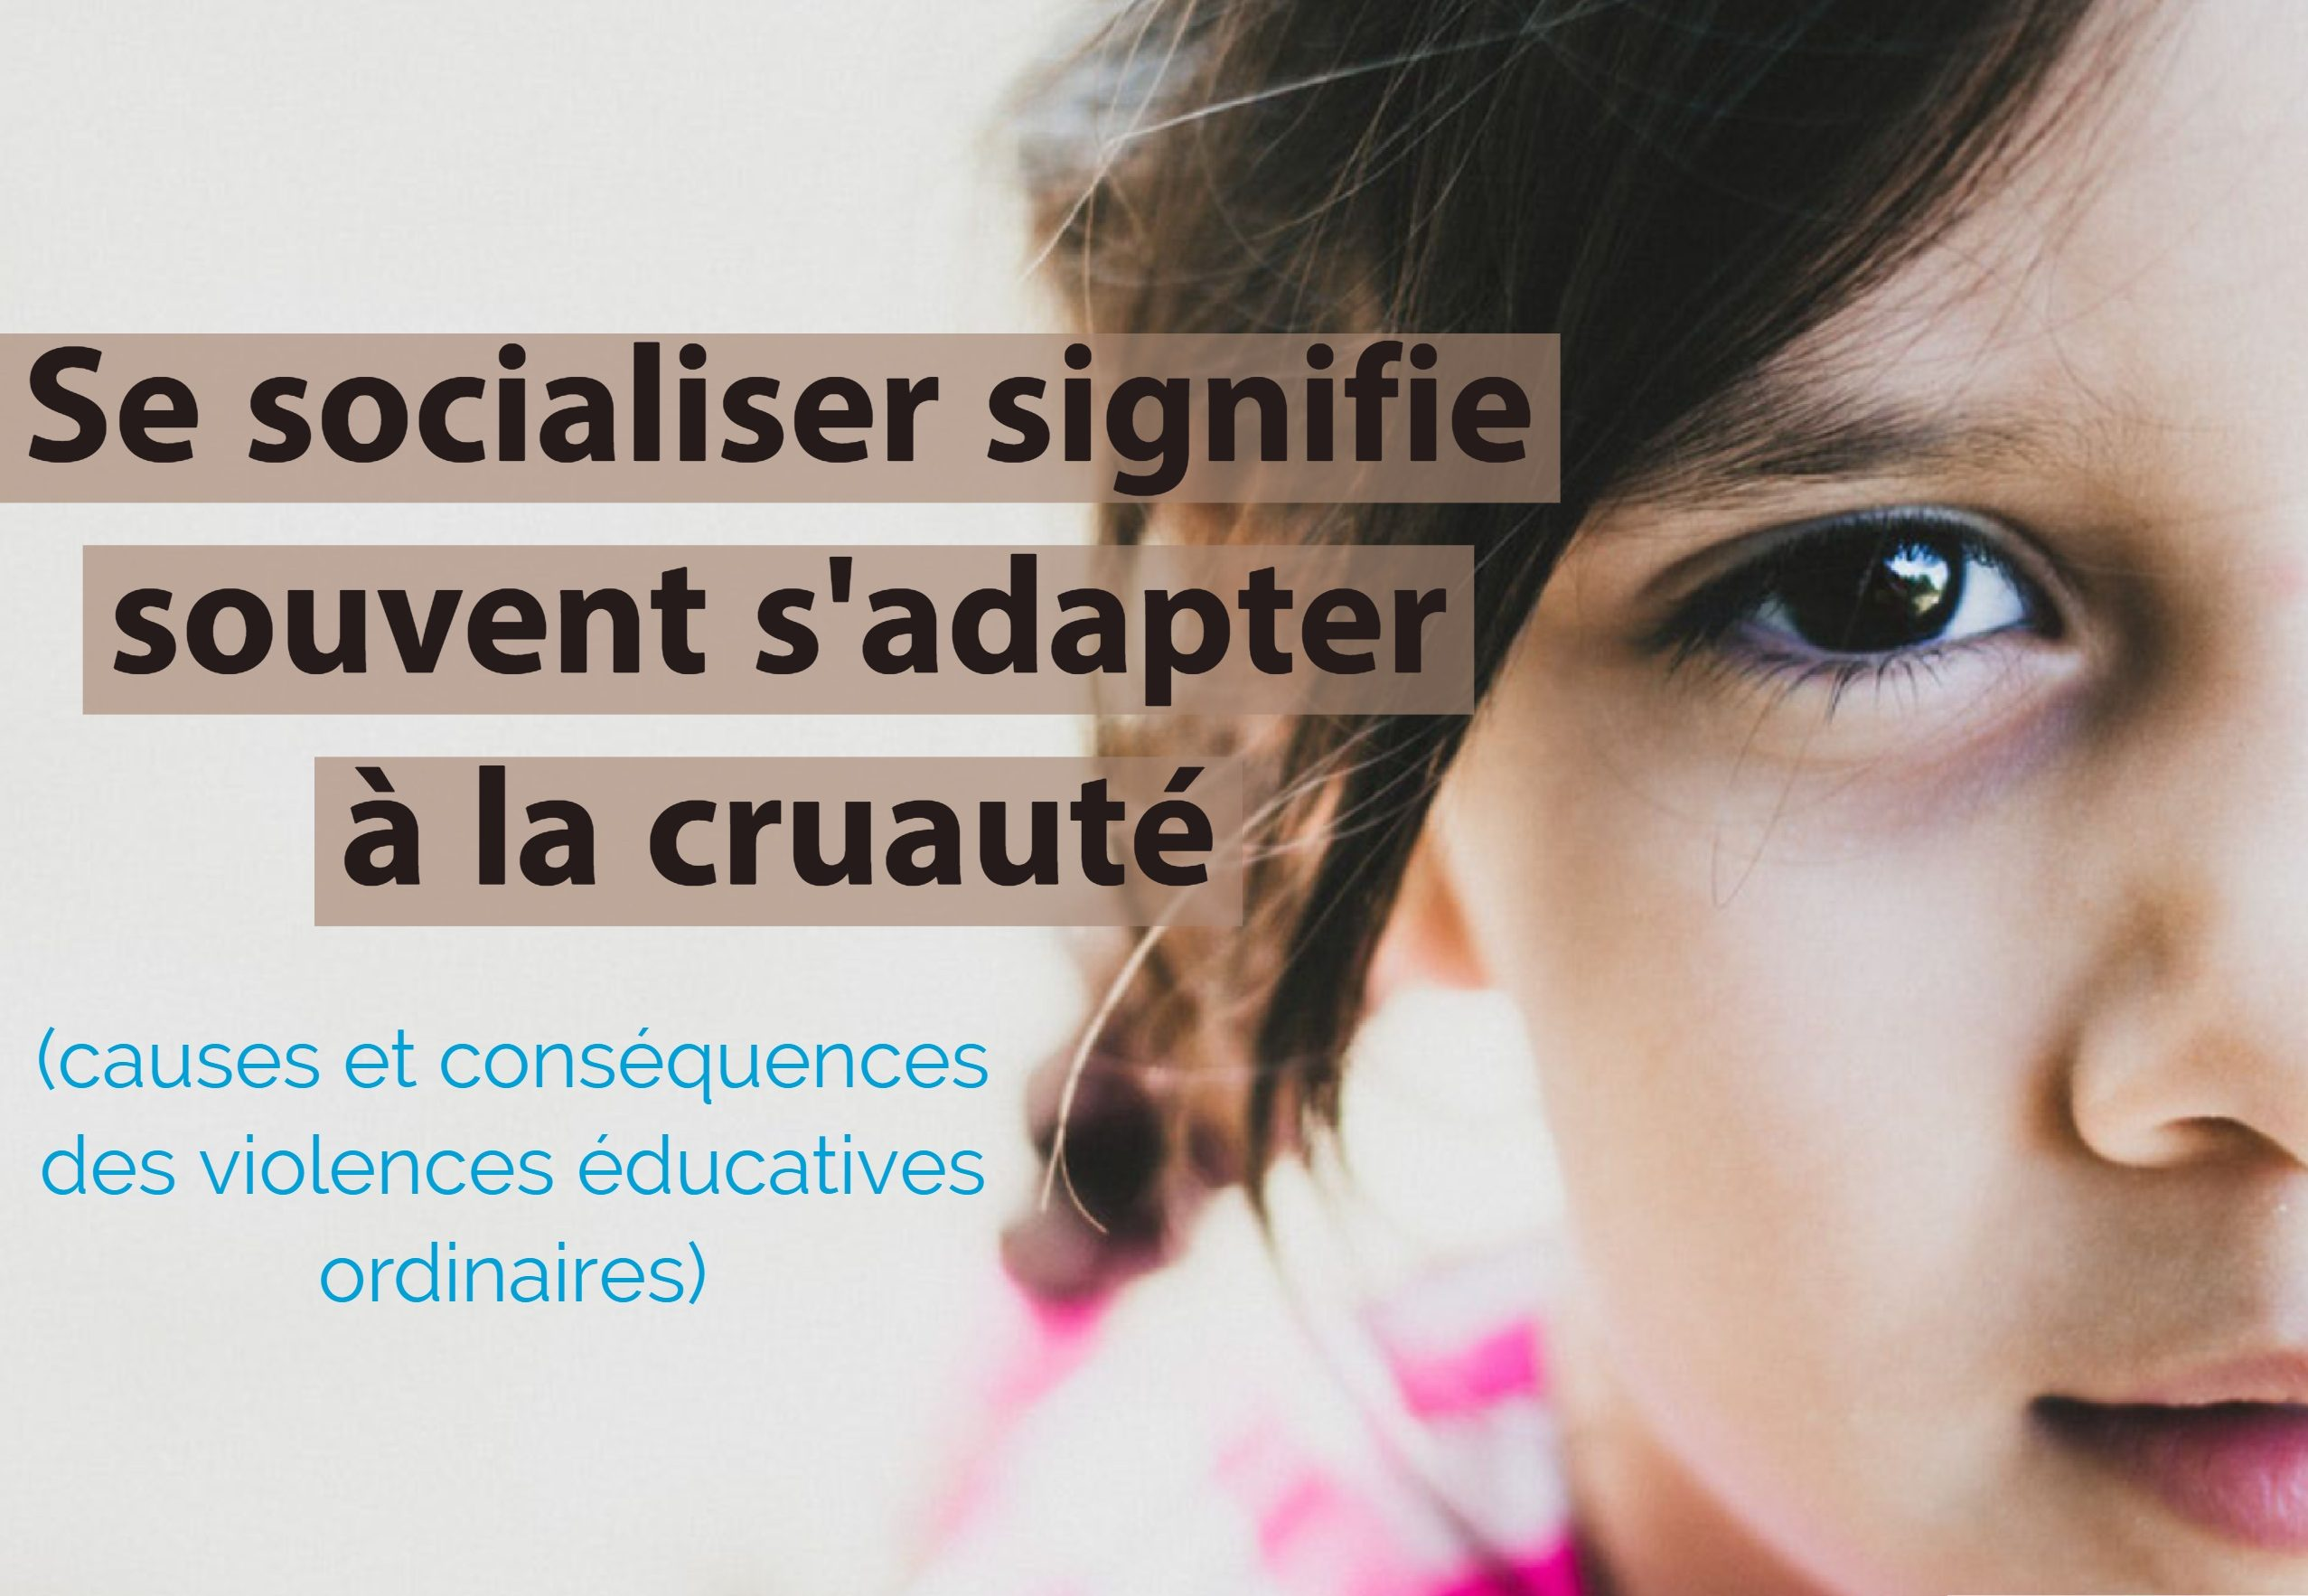 Se socialiser signifie souvent s'adapter à la cruauté